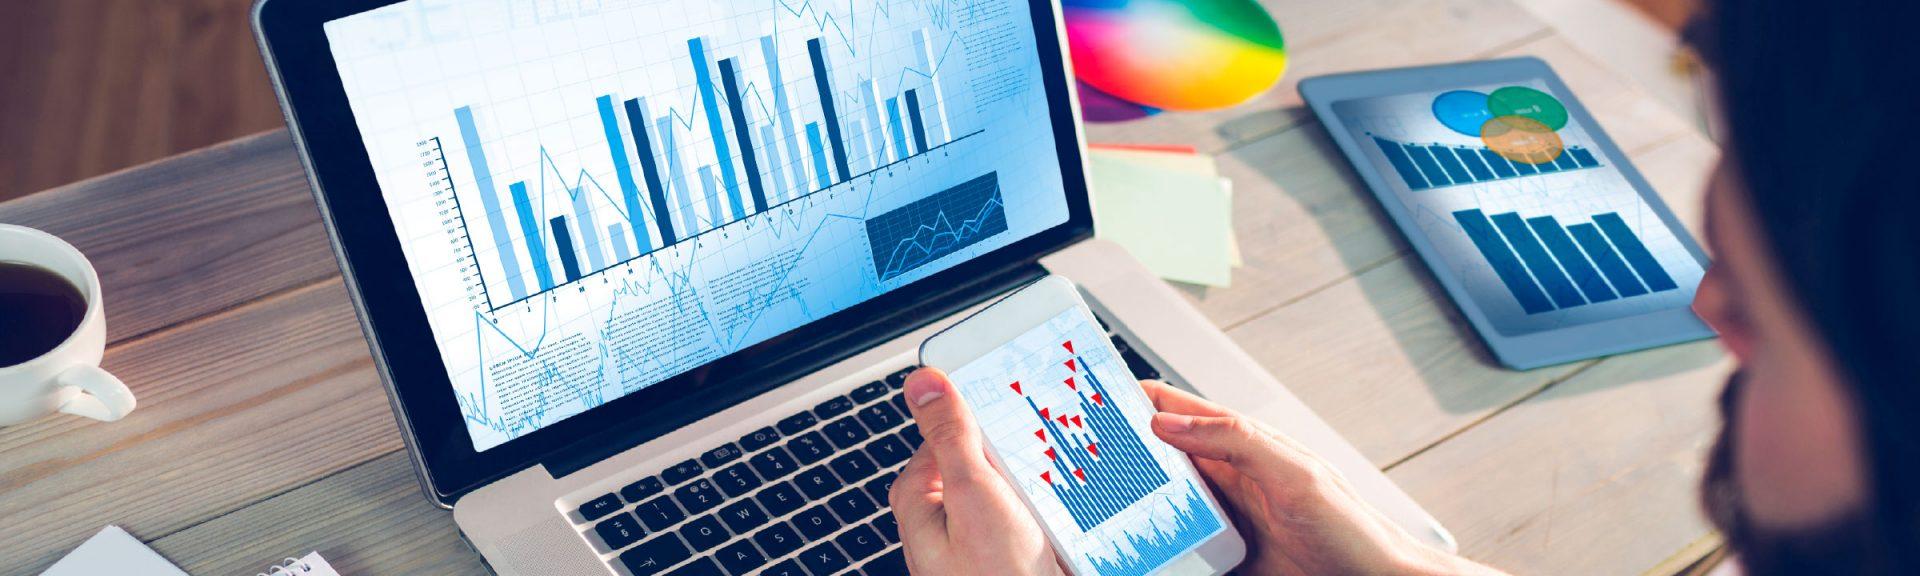 KPI, métricas e indicadores de performance